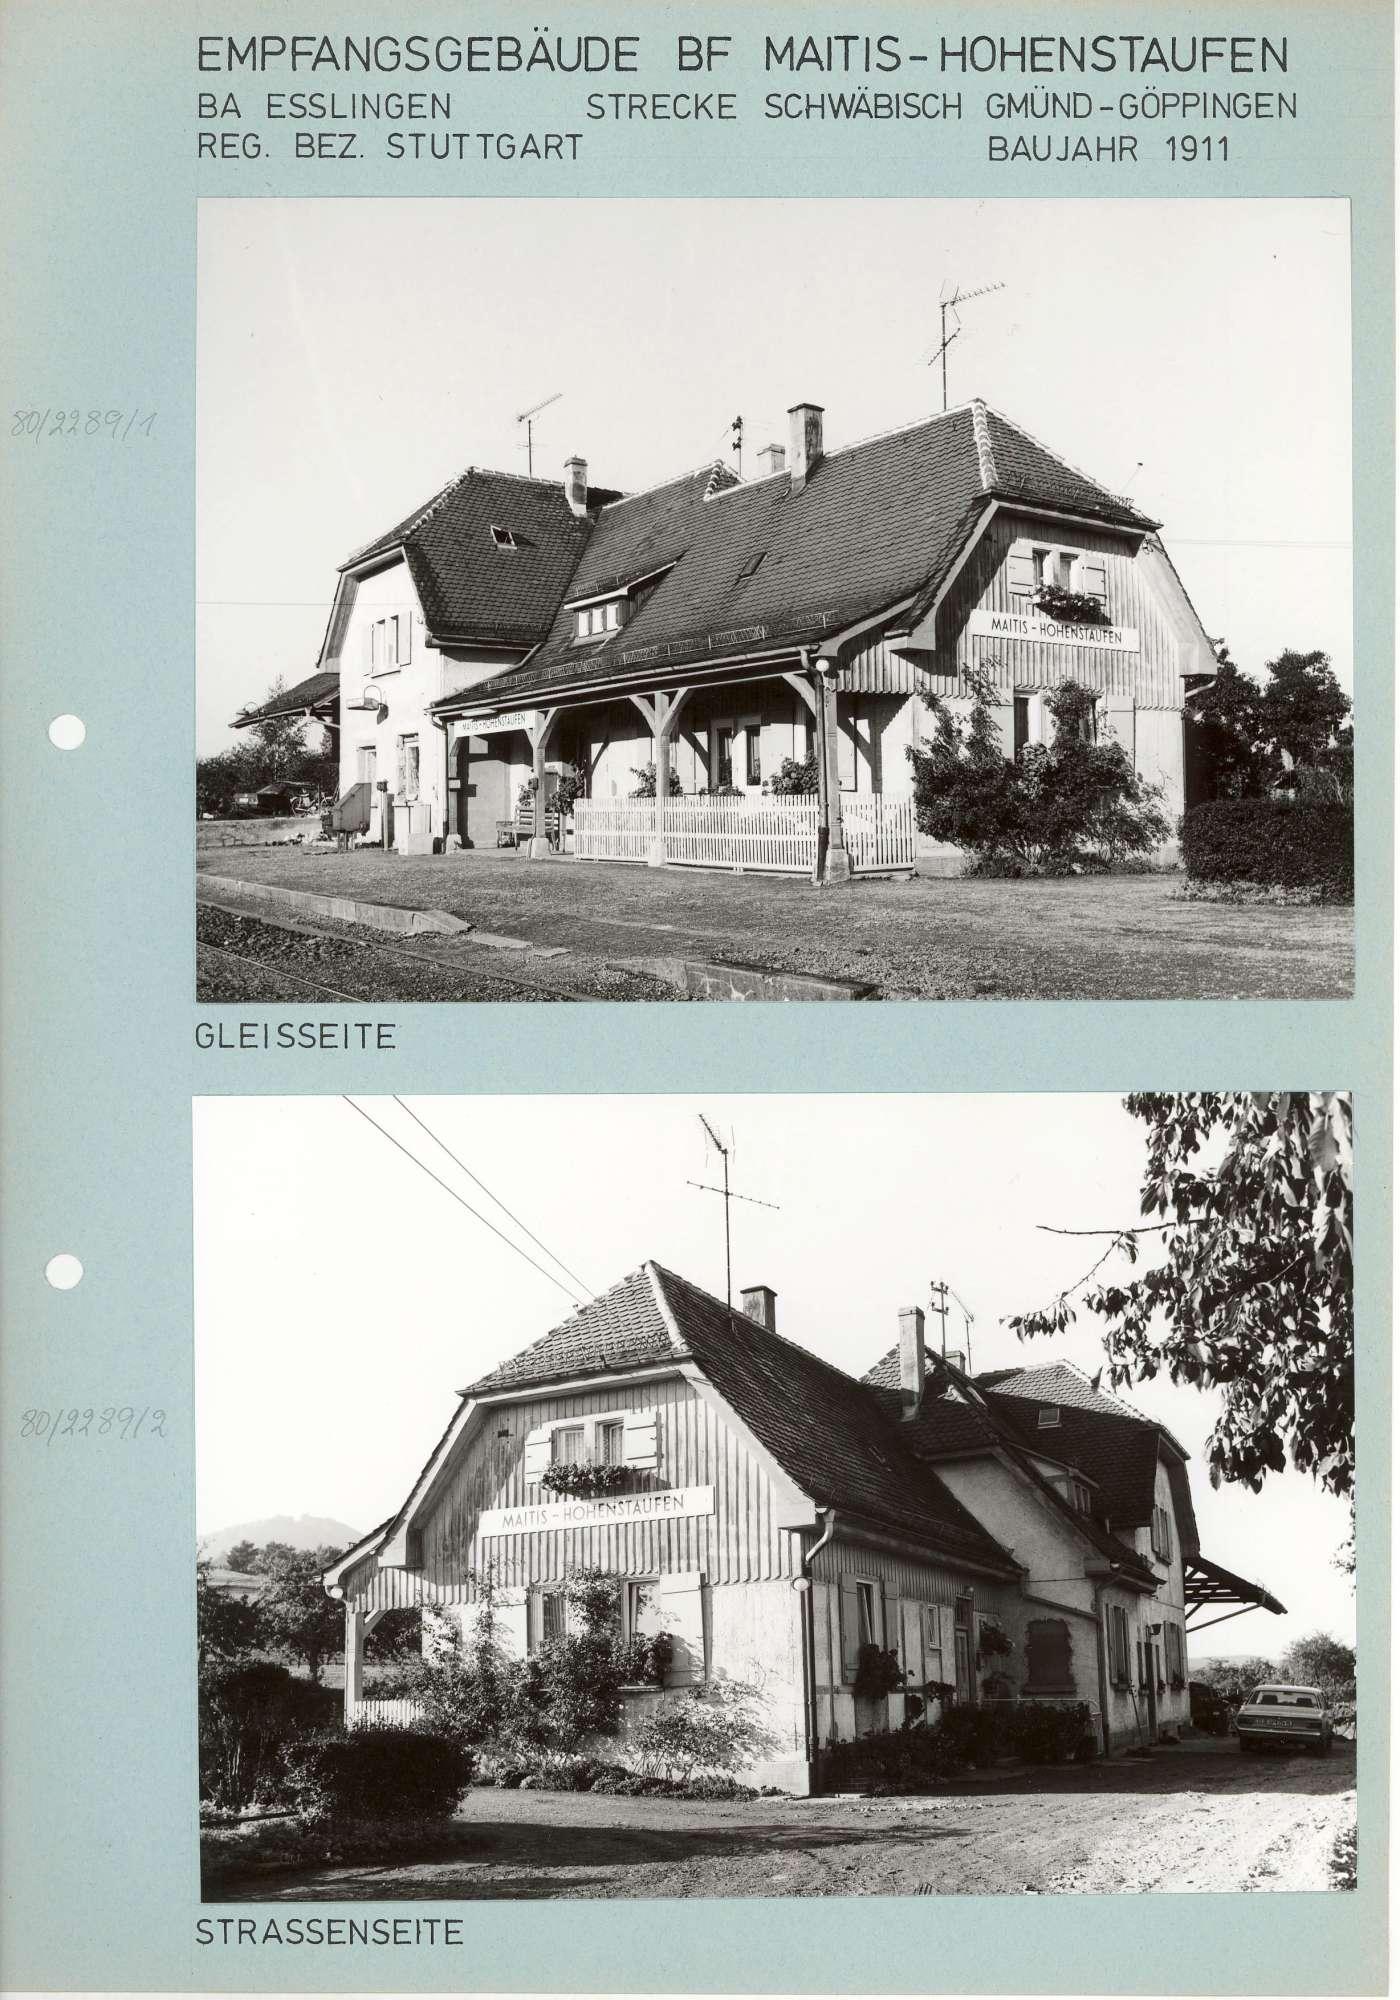 Maitishof-Hohenstaufen: 4 Fotos, Bild 1